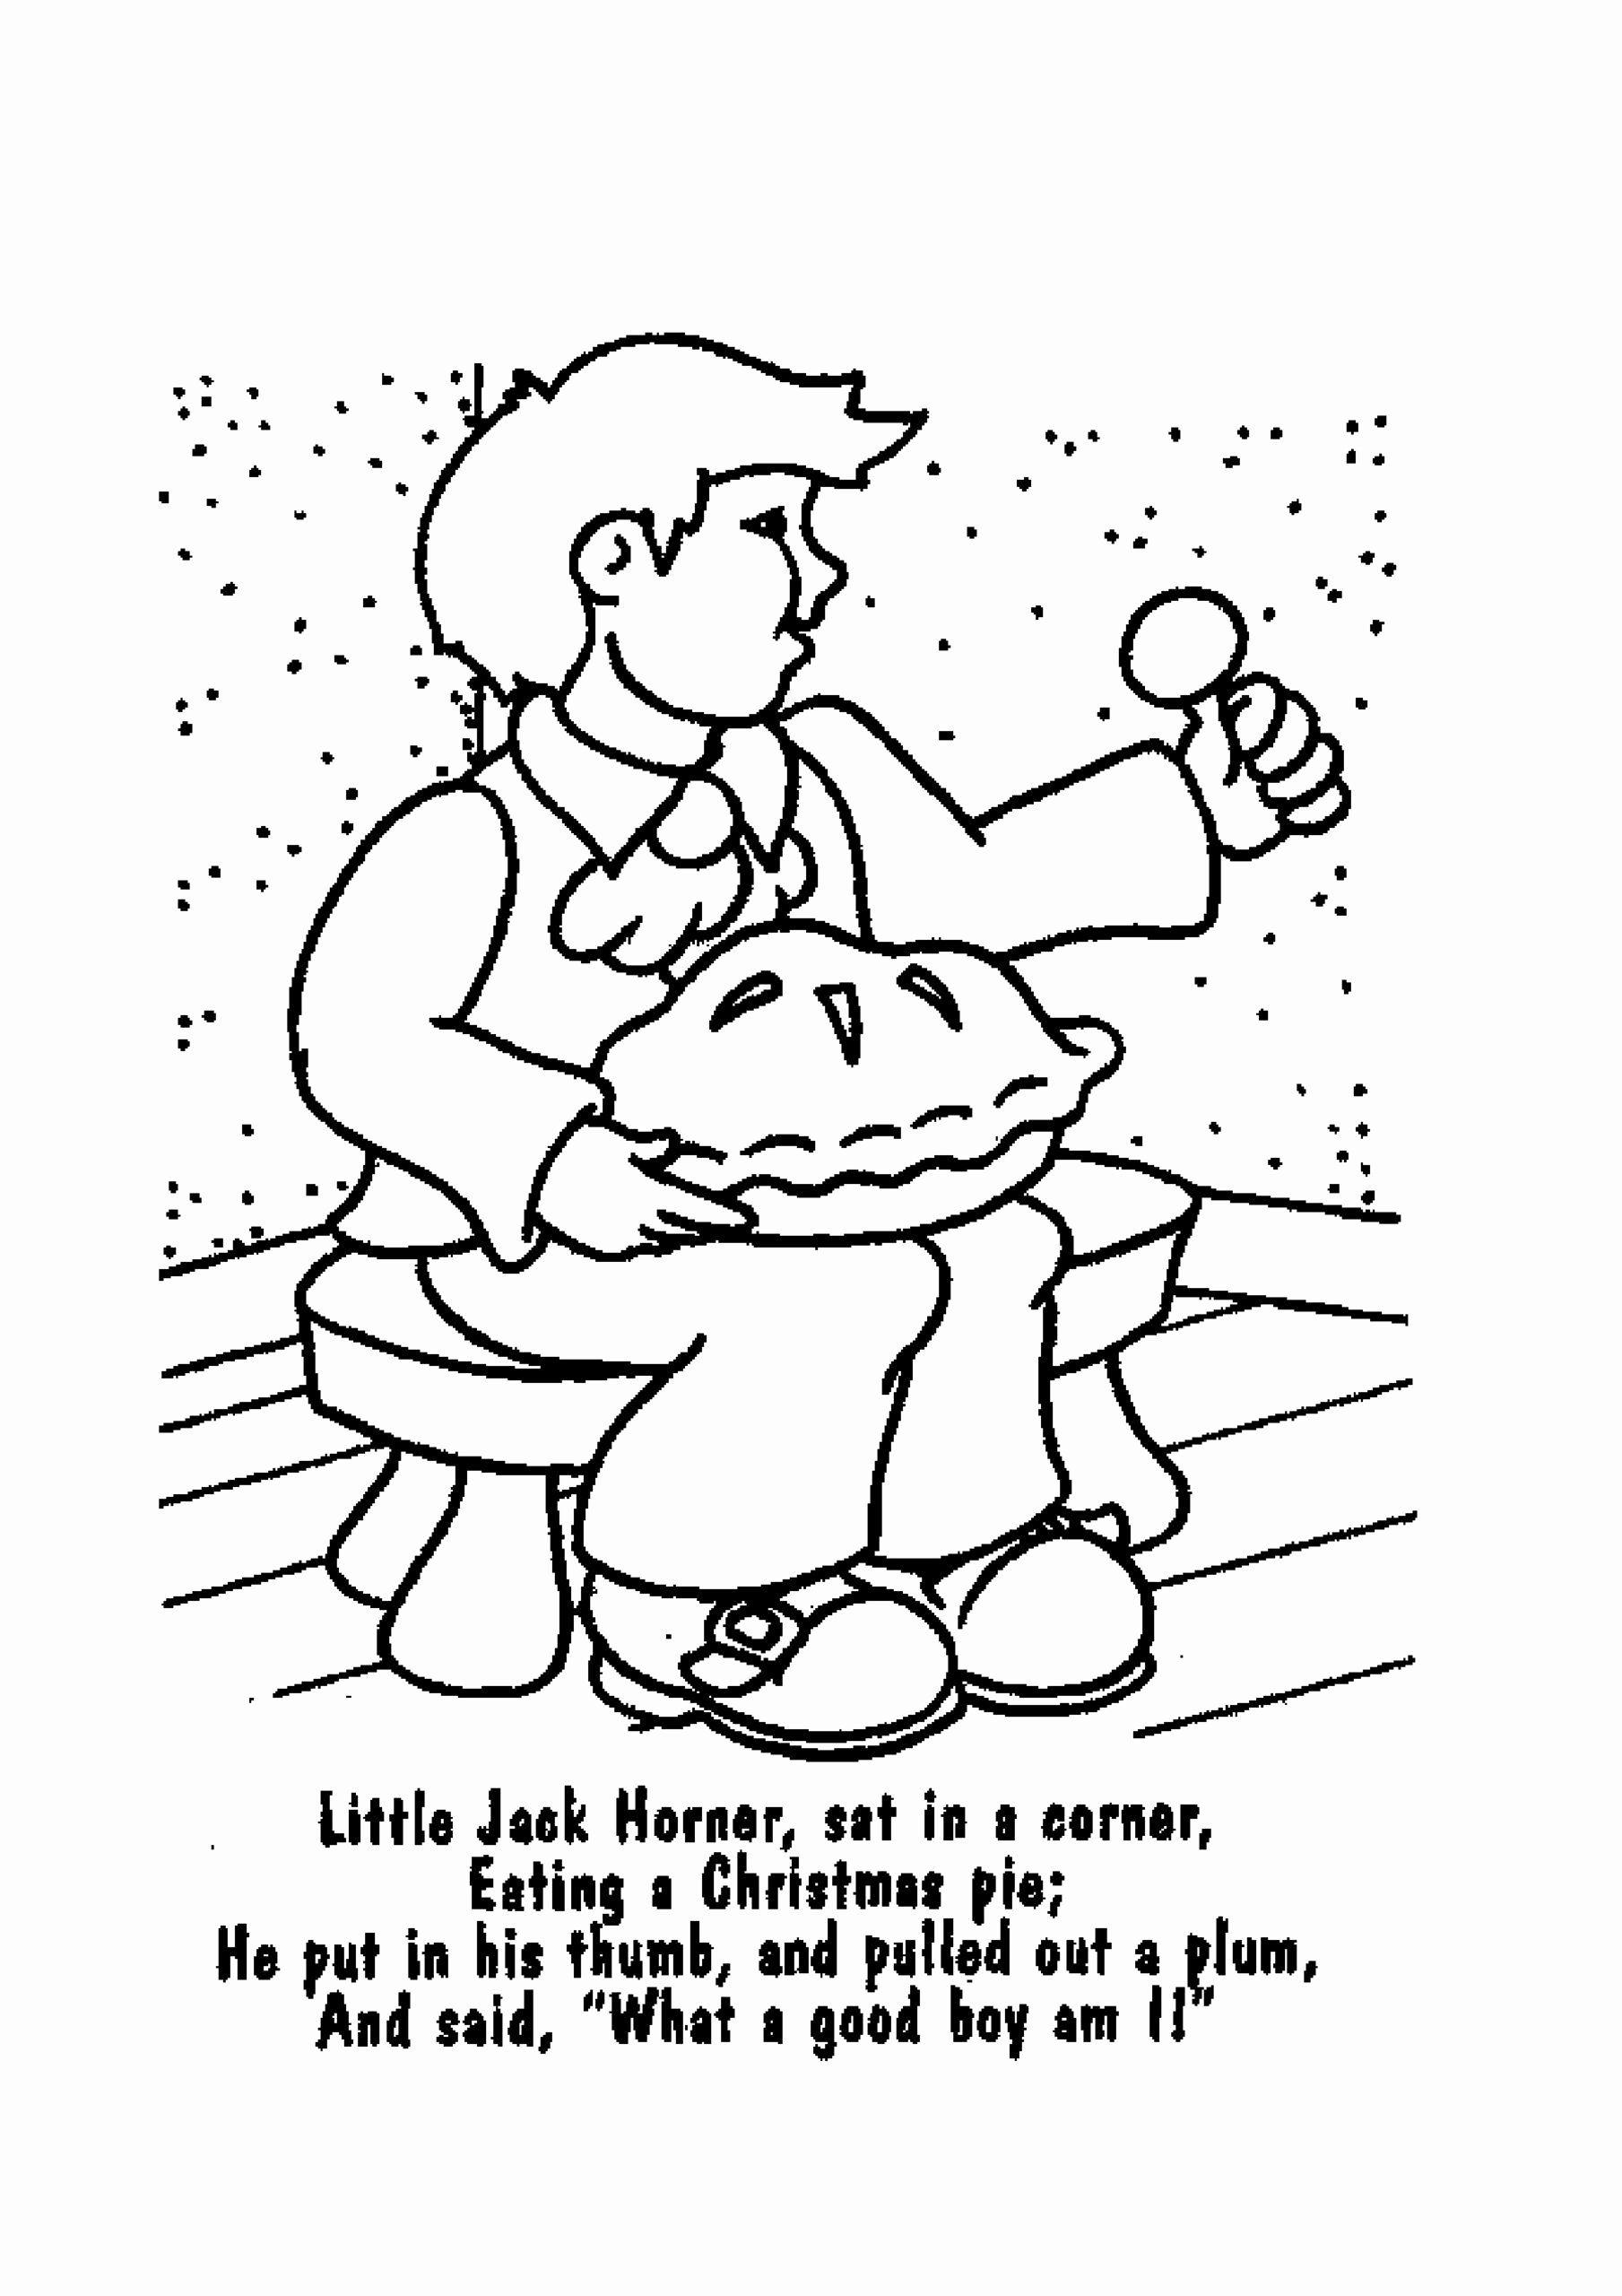 Nursery Rhymes Worksheets For Preschoolers Ideas Nursery Rhymes Coloring Printable Free King Nursery Rhymes Preschool Coloring Pages Nursery Rhymes Preschool [ 2560 x 1809 Pixel ]